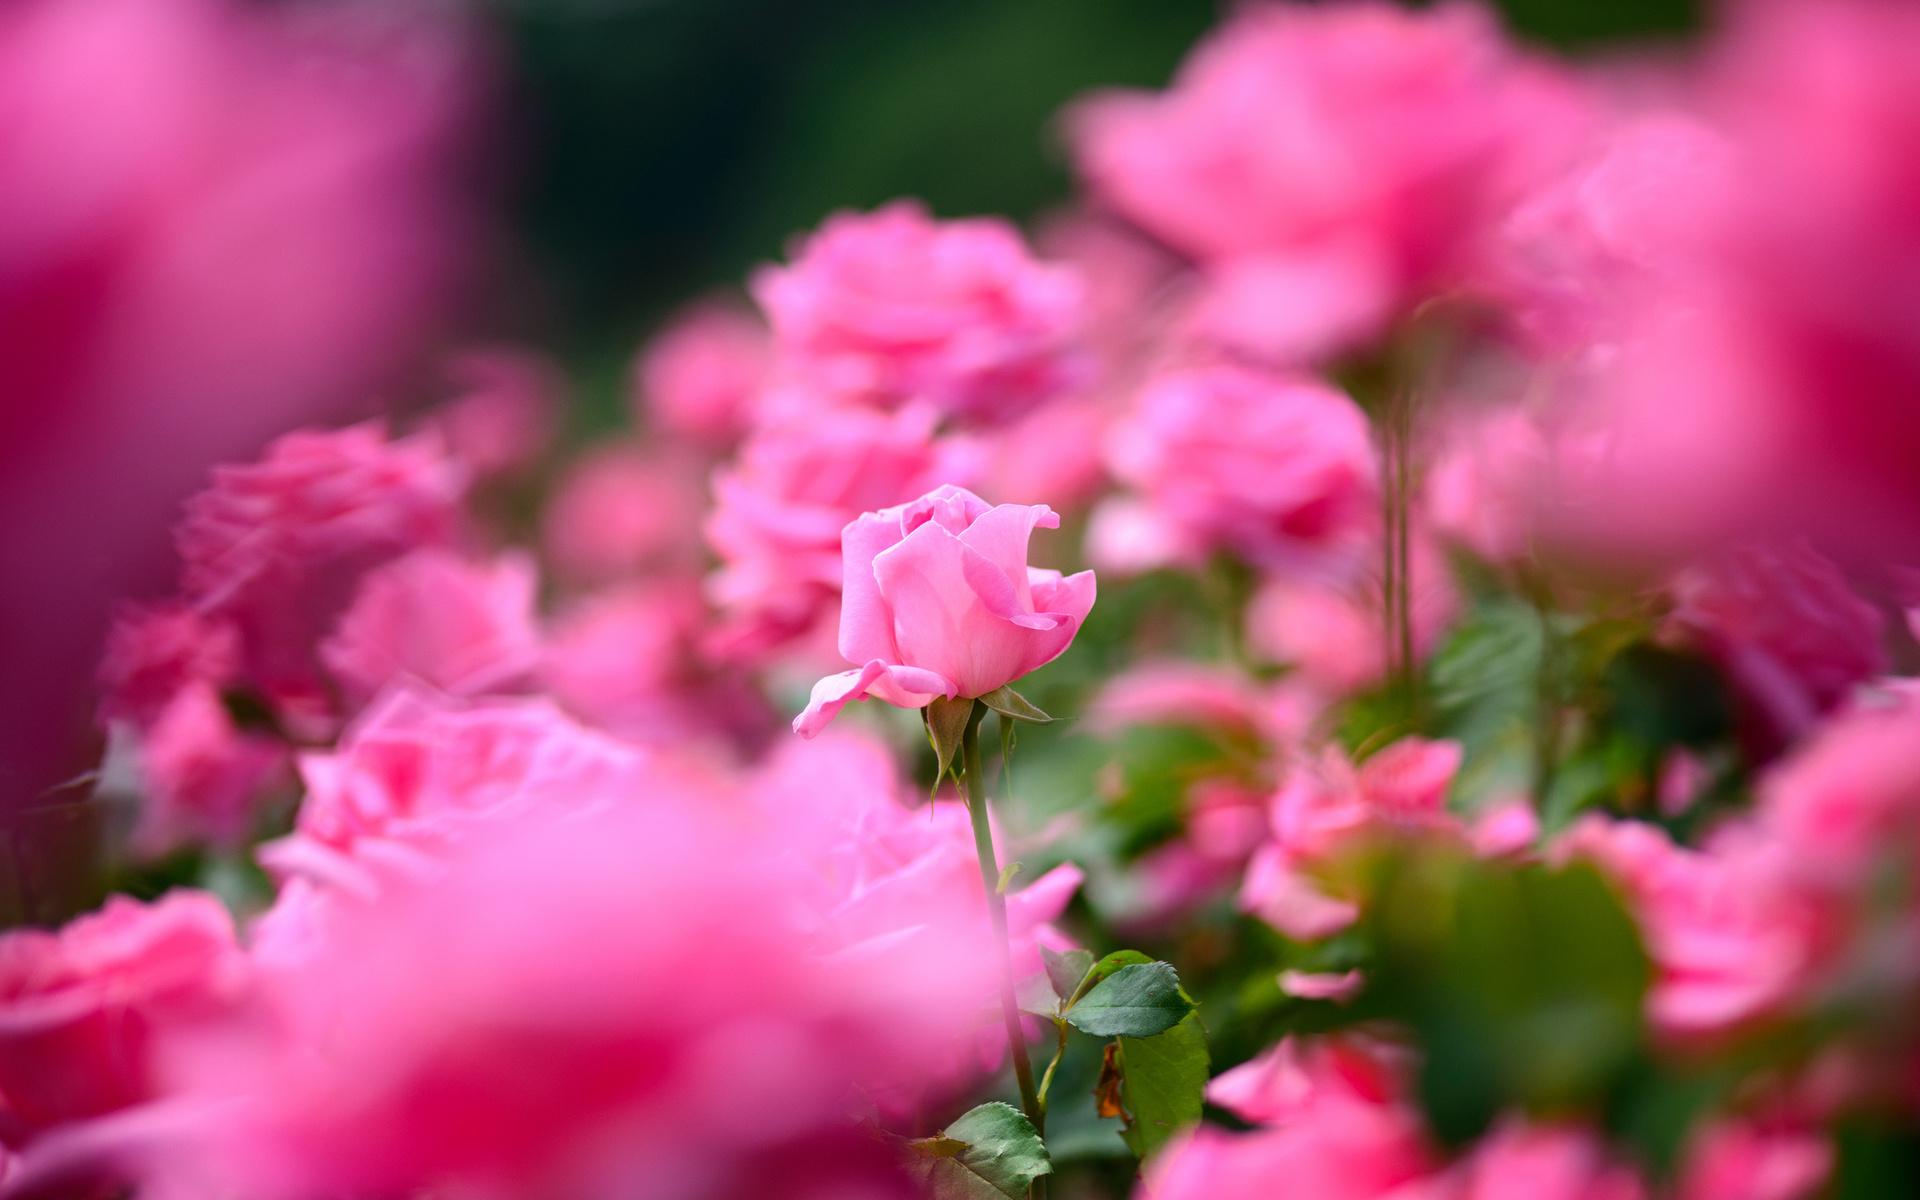 pretty flower. macro flowers wallpaper. pretty coloured flowers, Beautiful flower